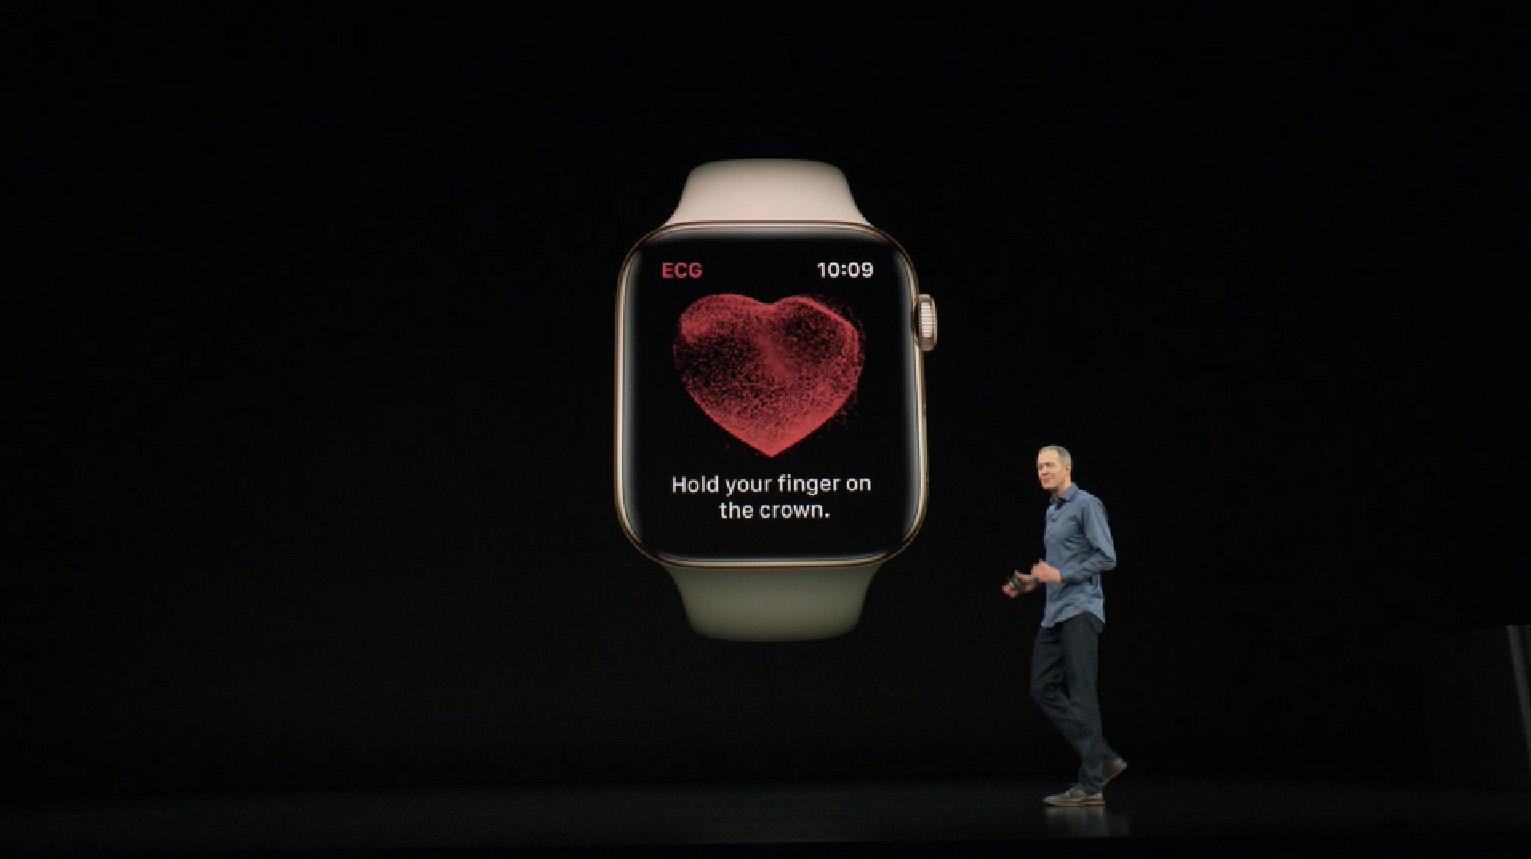 watchOS 5.1.2 cho Apple Watch chính thức ra mắt, hỗ trợ tính năng đo điện tâm đồ